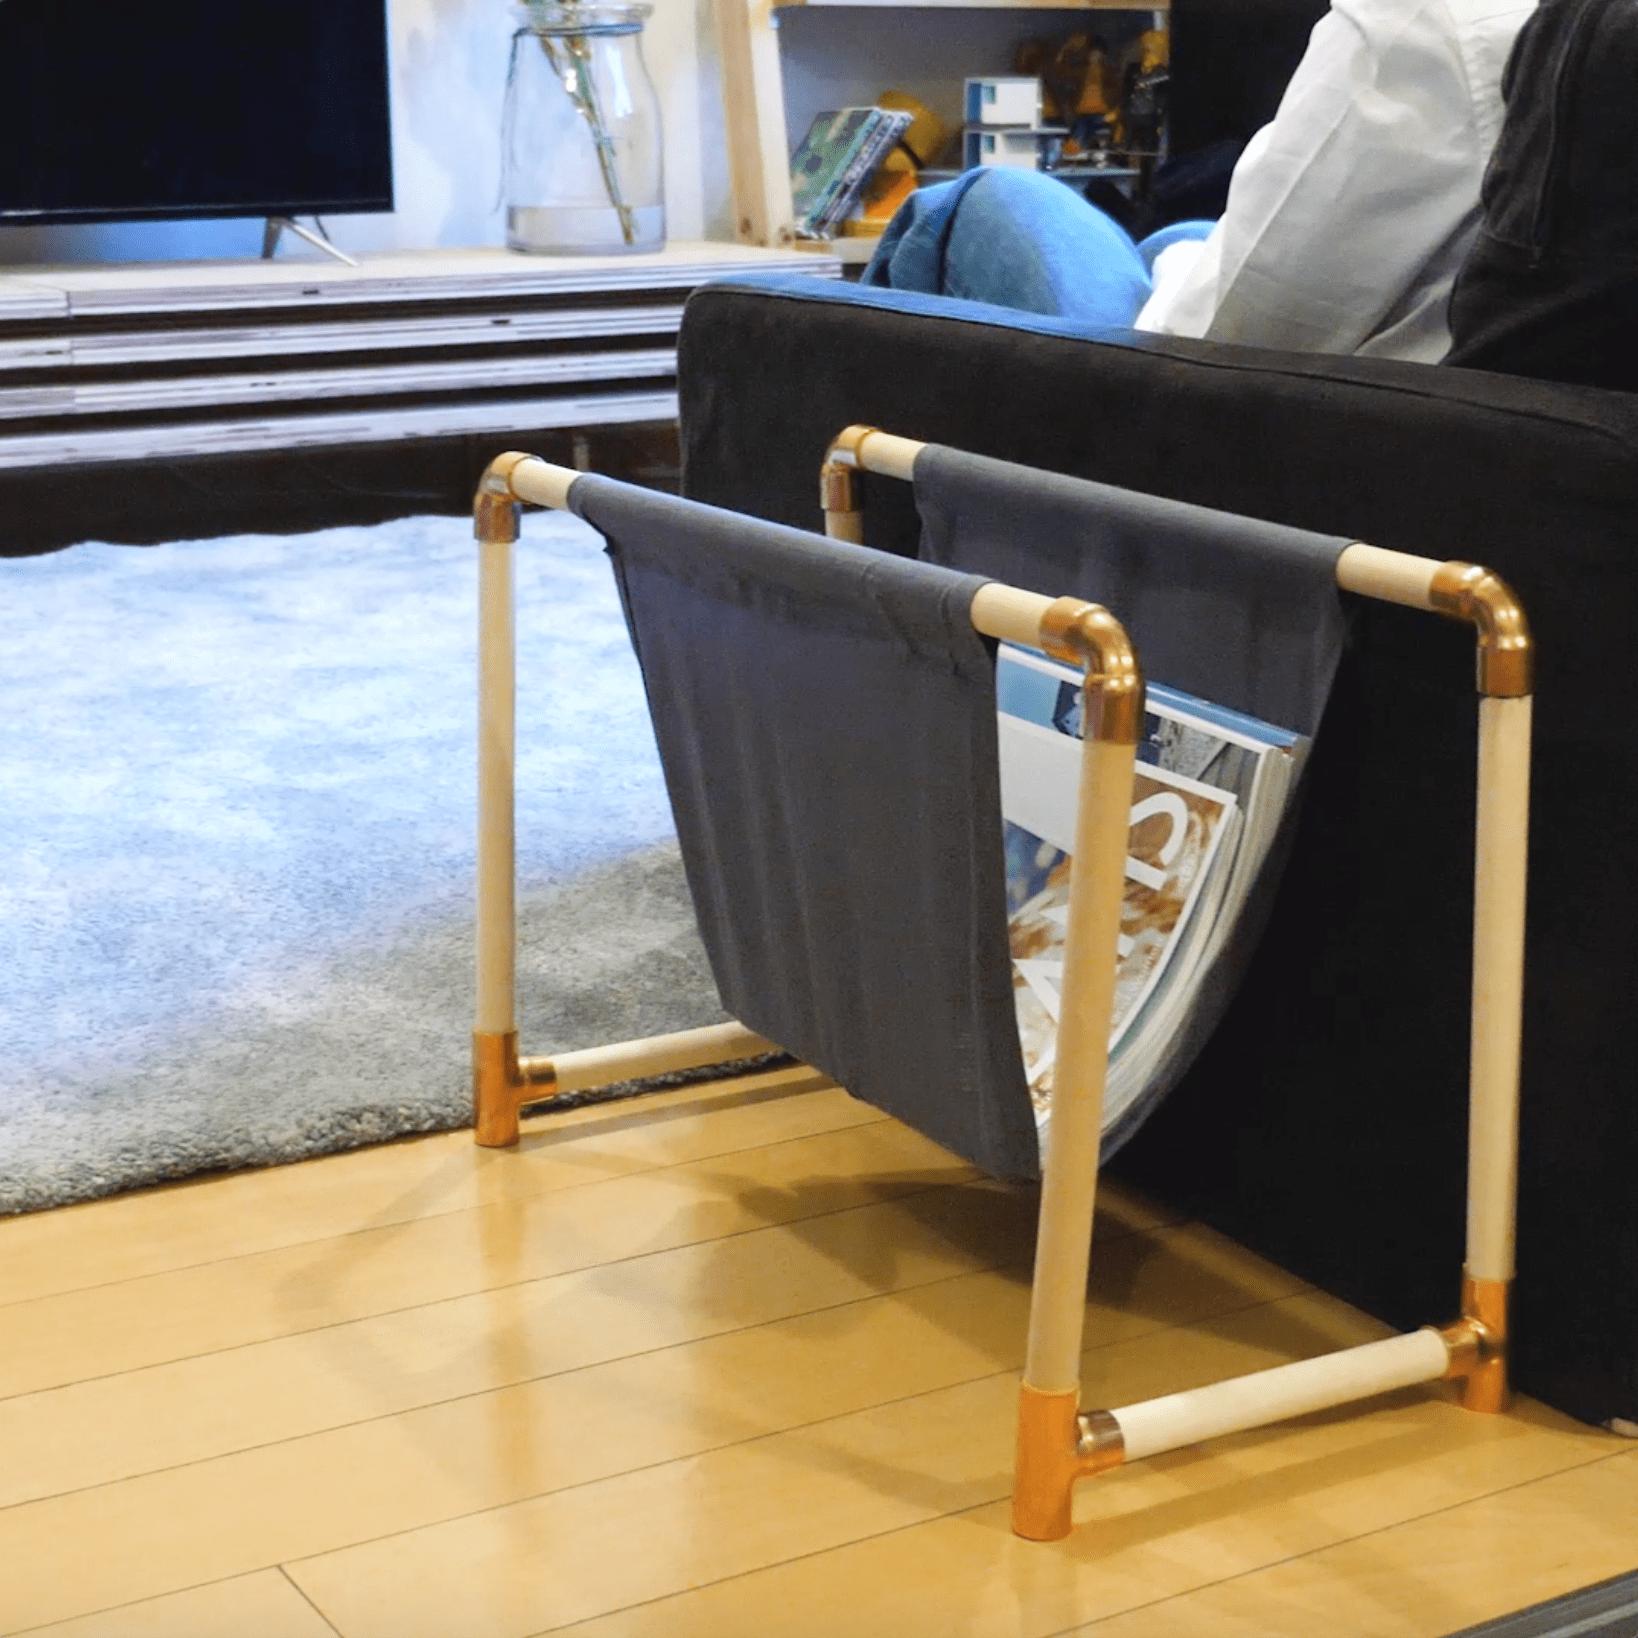 銅管と接着剤、丸棒で簡単にできる!リビングにぴったりな雑誌ラック